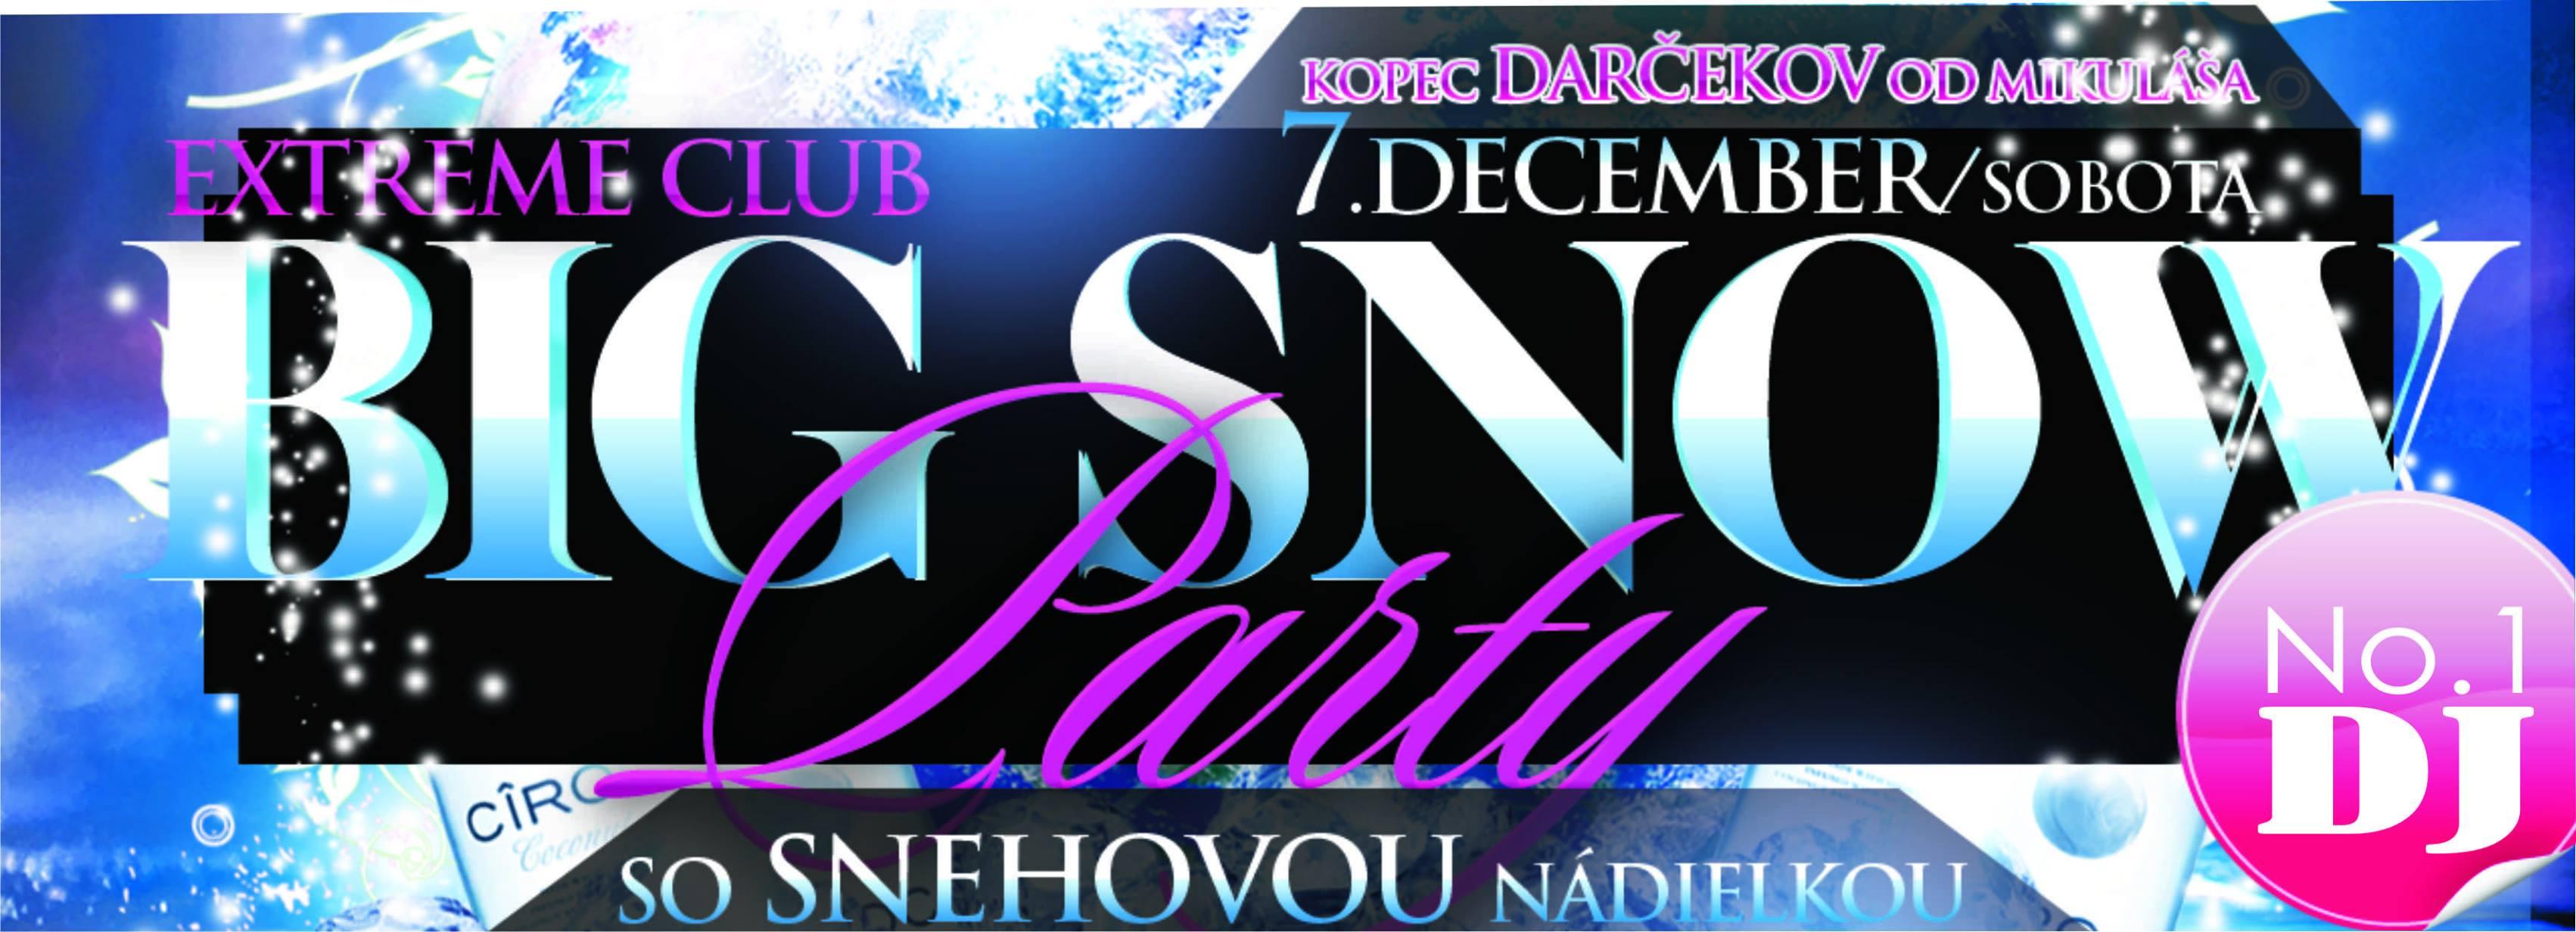 Big snow party